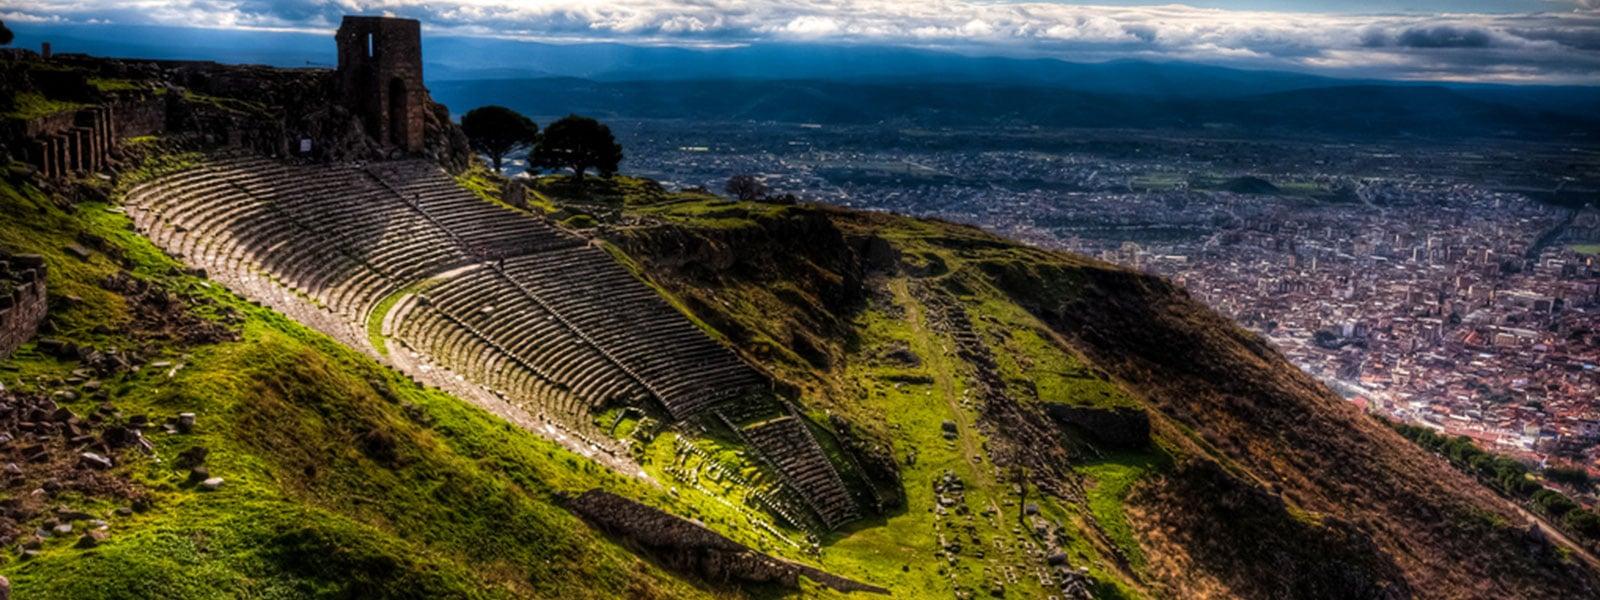 Pergamon, Bergama, Pergamum Turkey